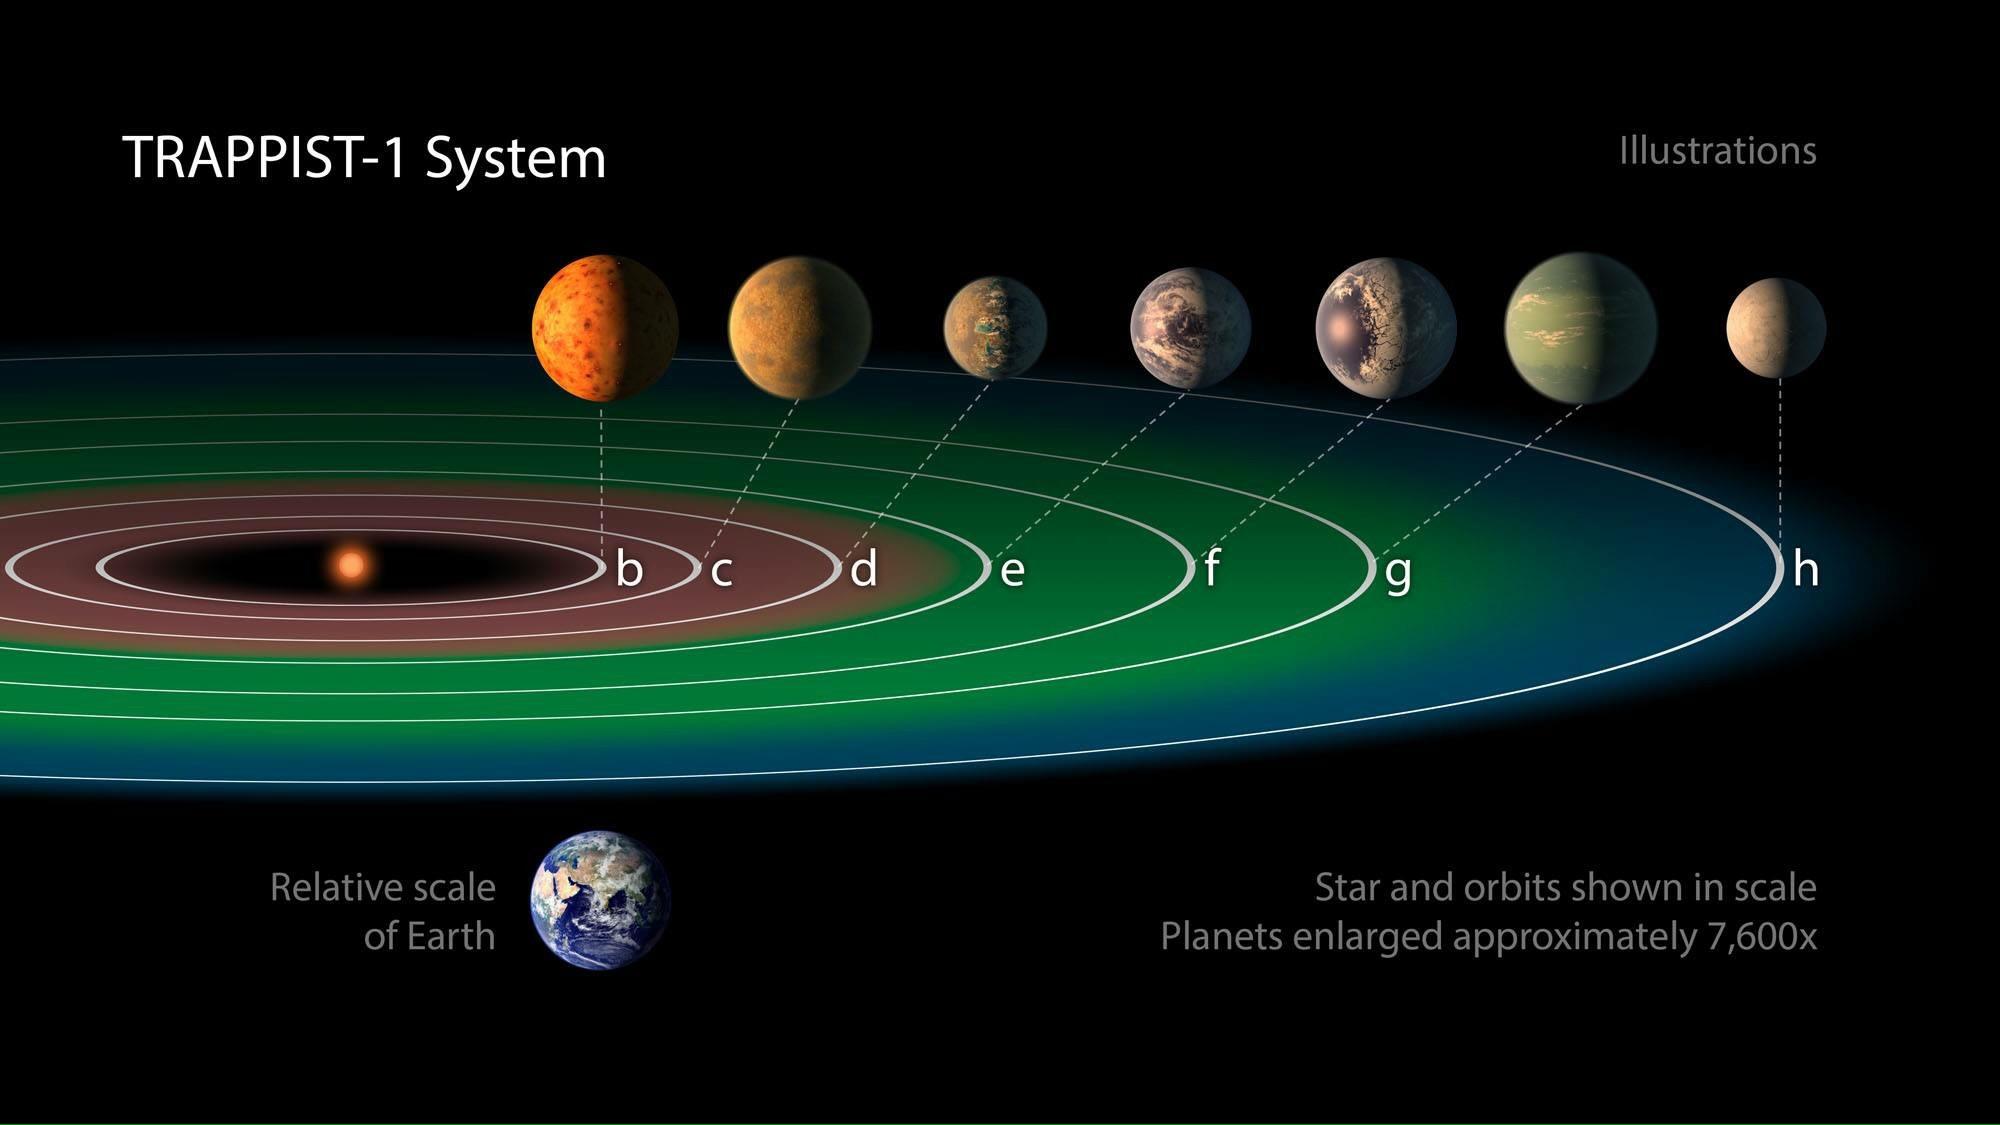 นาซ่าค้นพบดาวเคราะห์นอกระบบสุริยะ